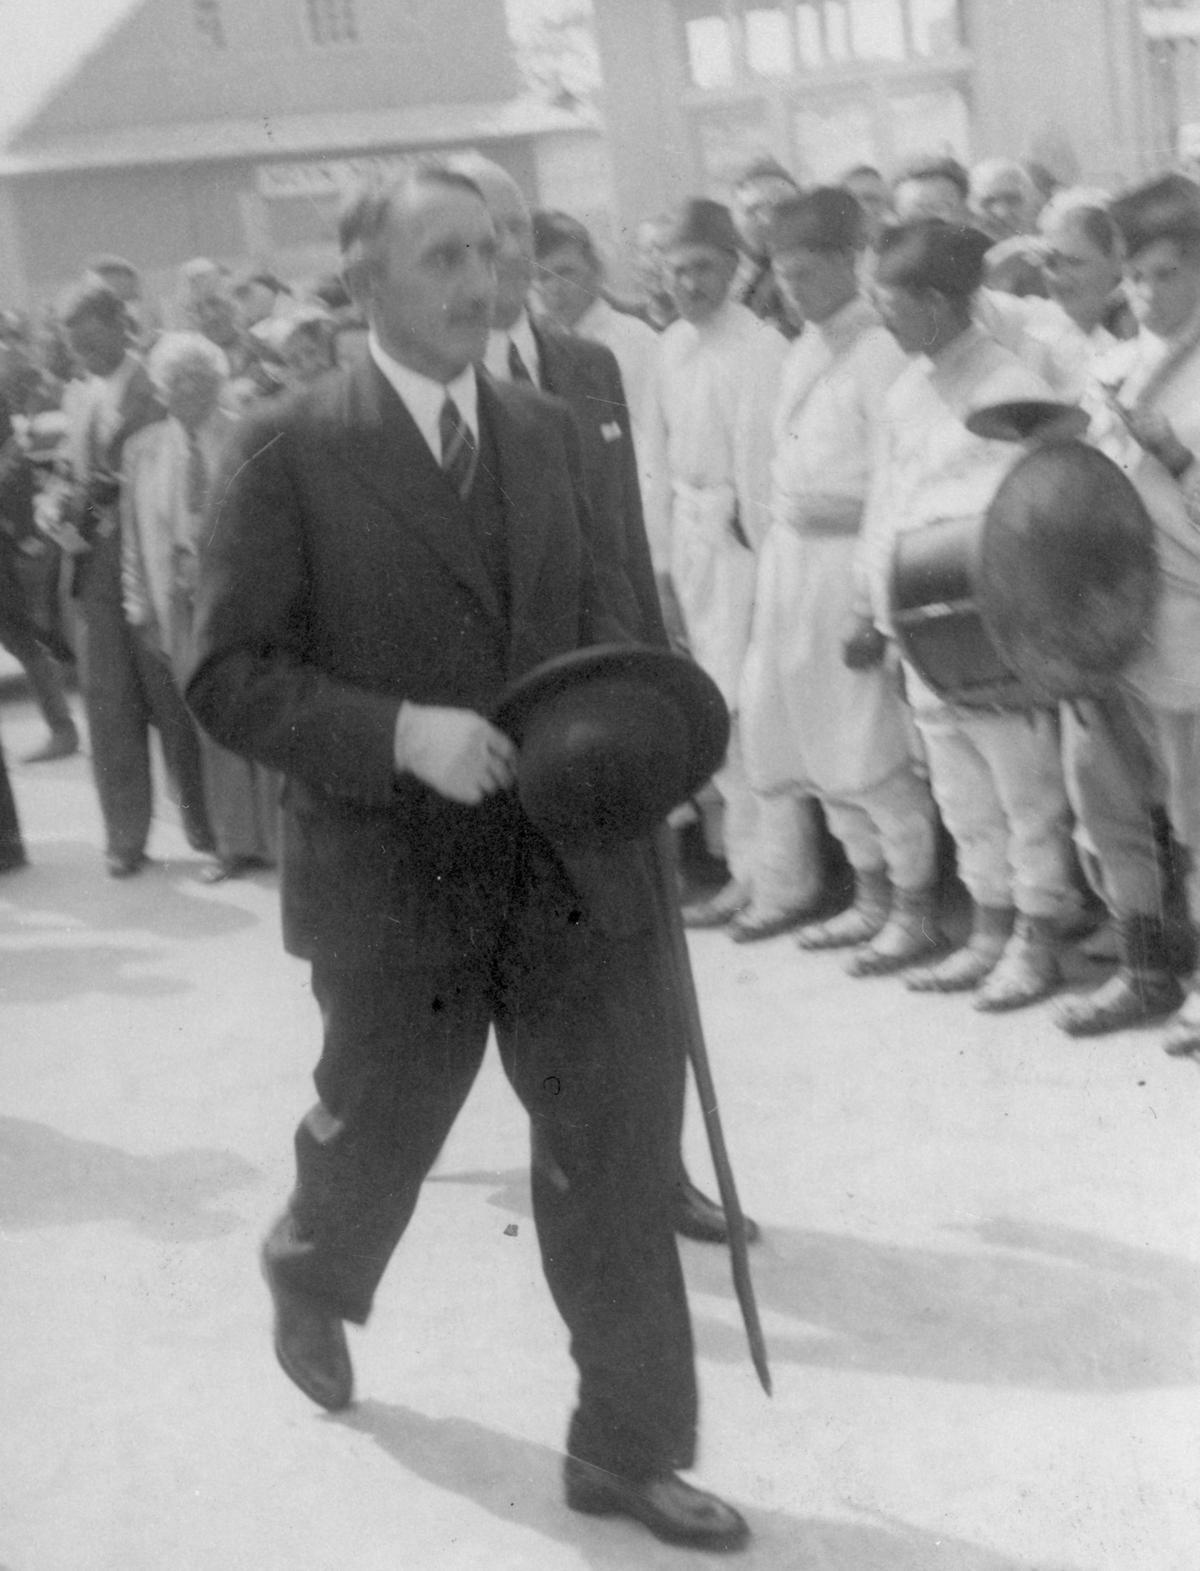 O to żeby życie w twierdzy brzeskiej było koszmarem zadbał znany z sadyzmu pułkownik Wacław Kostek-Biernacki. Na zdjęciu już jako wojewoda poleski.